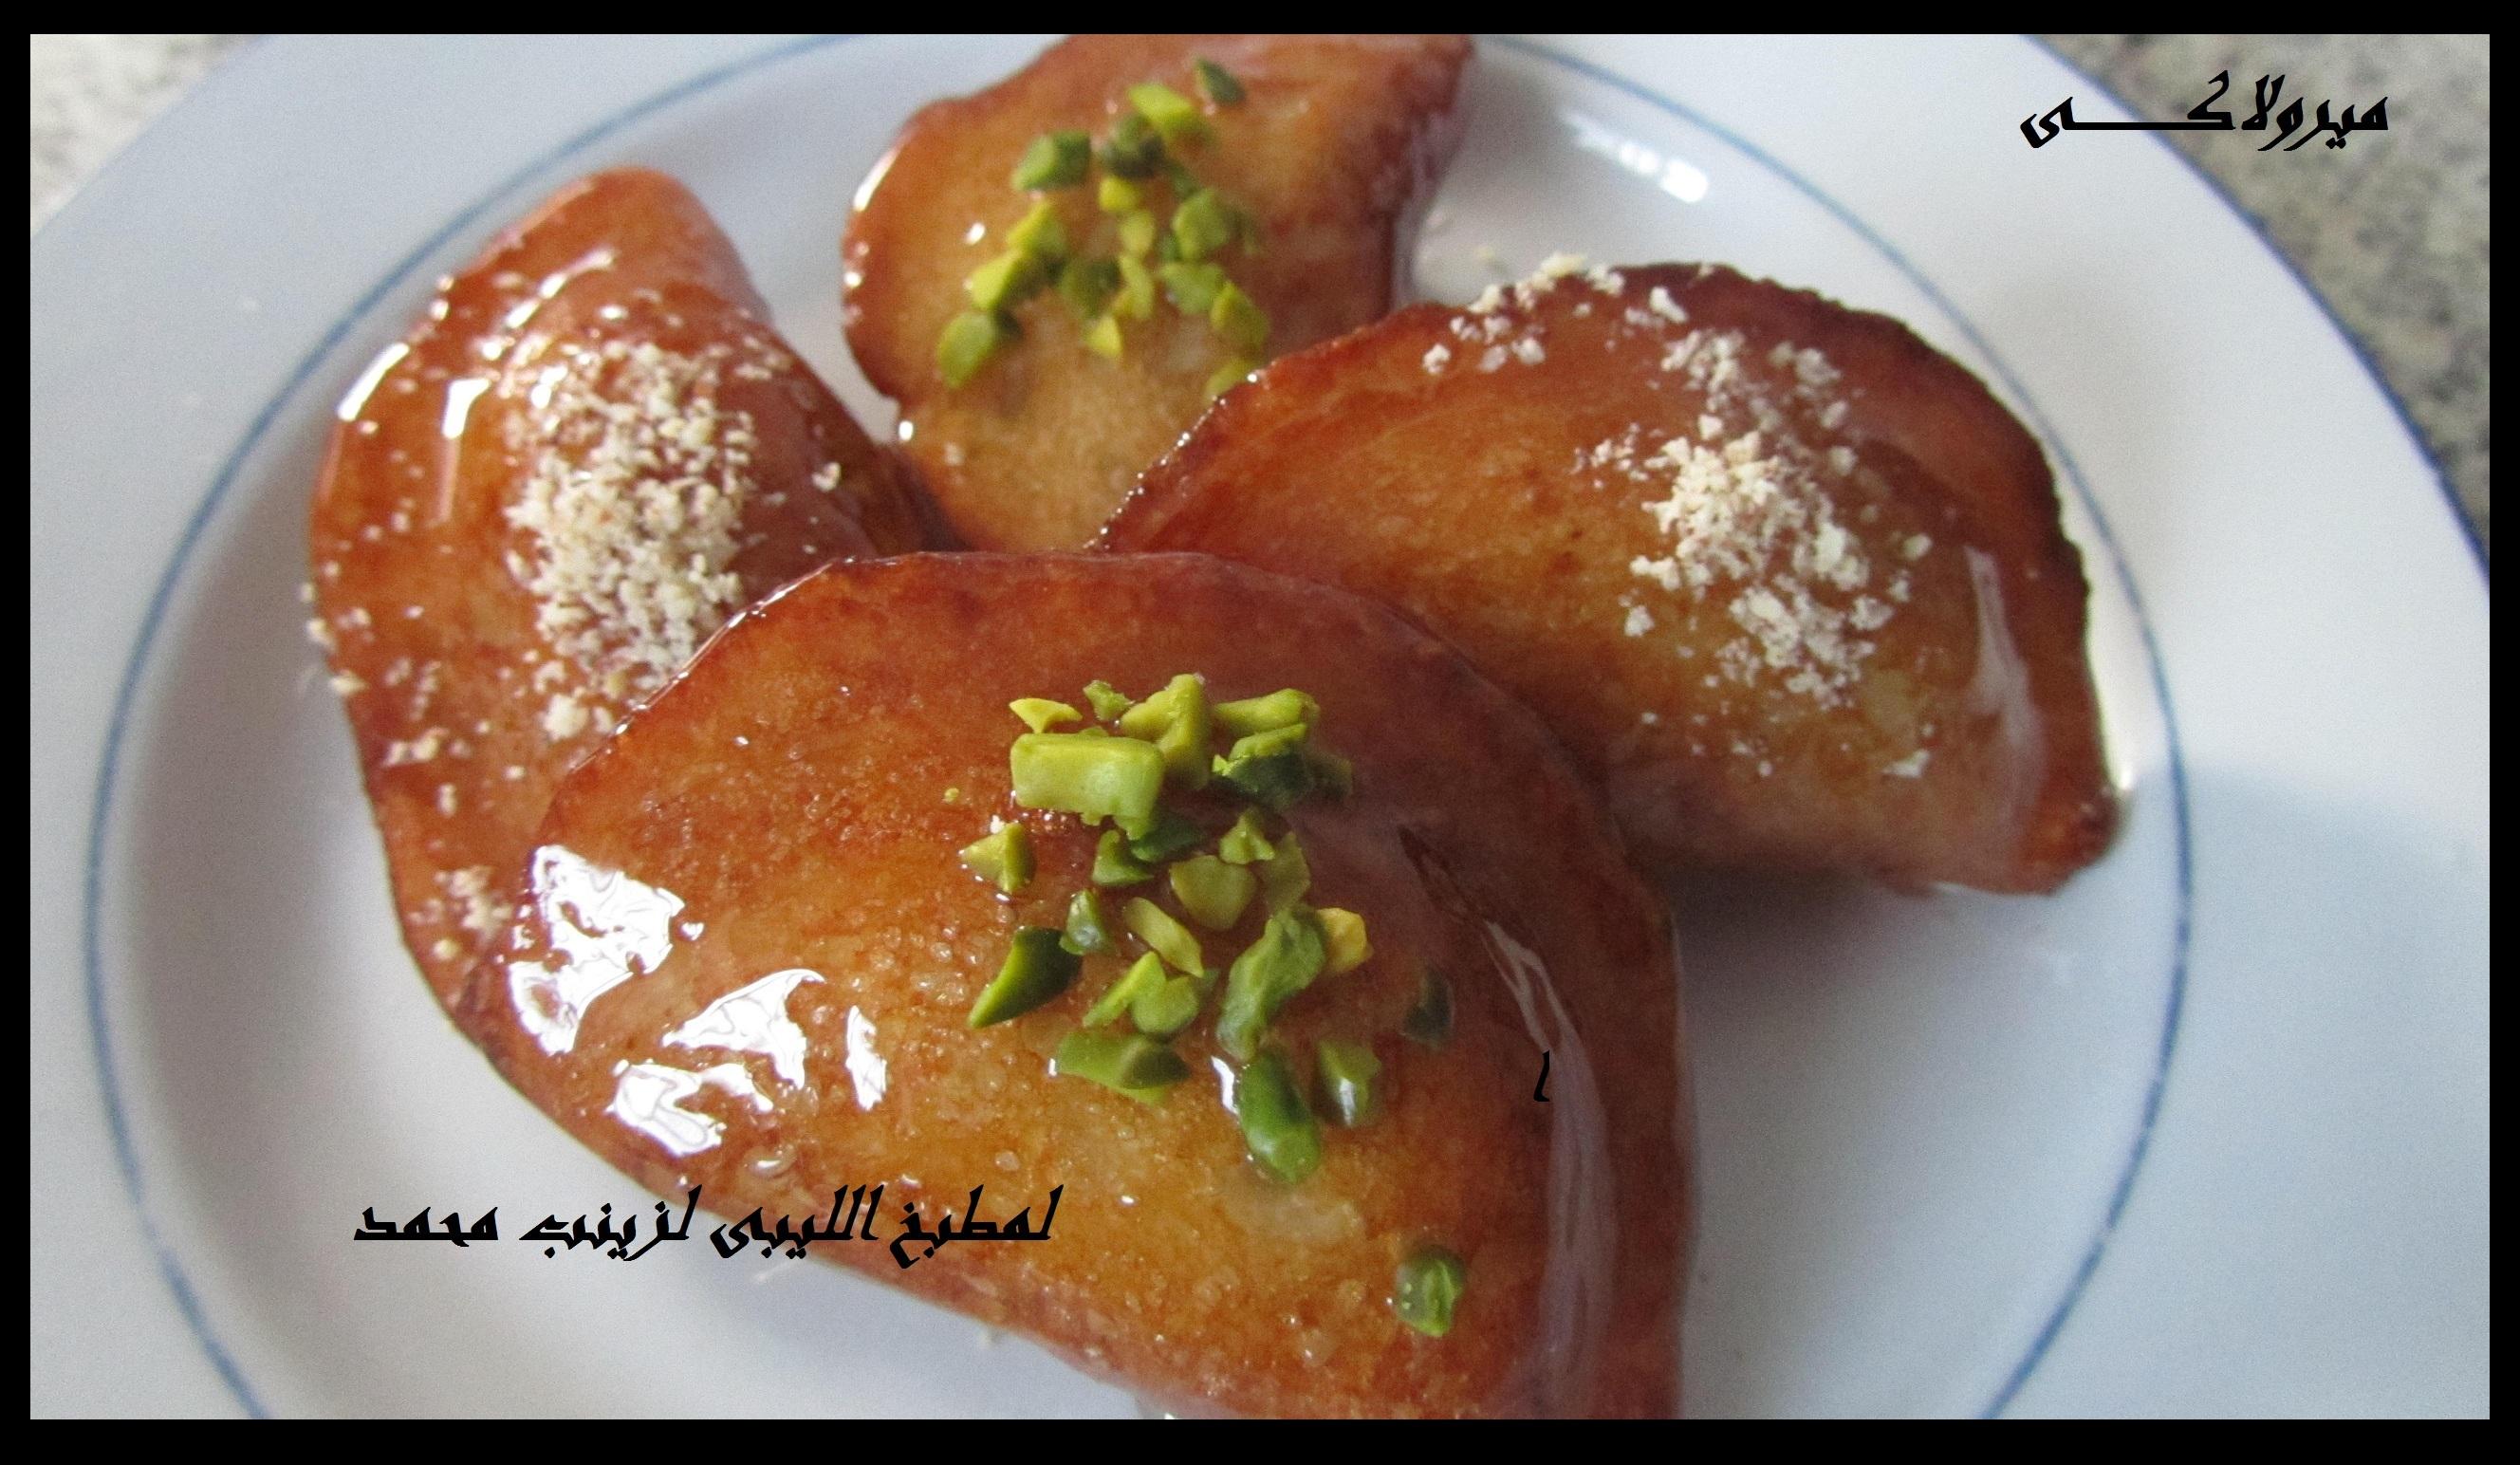 اكلات ليبيه 2013 طريقة تحضير كفتة الدجاج المقليه مطبخ الليبي بصور rwrrwr.jpg